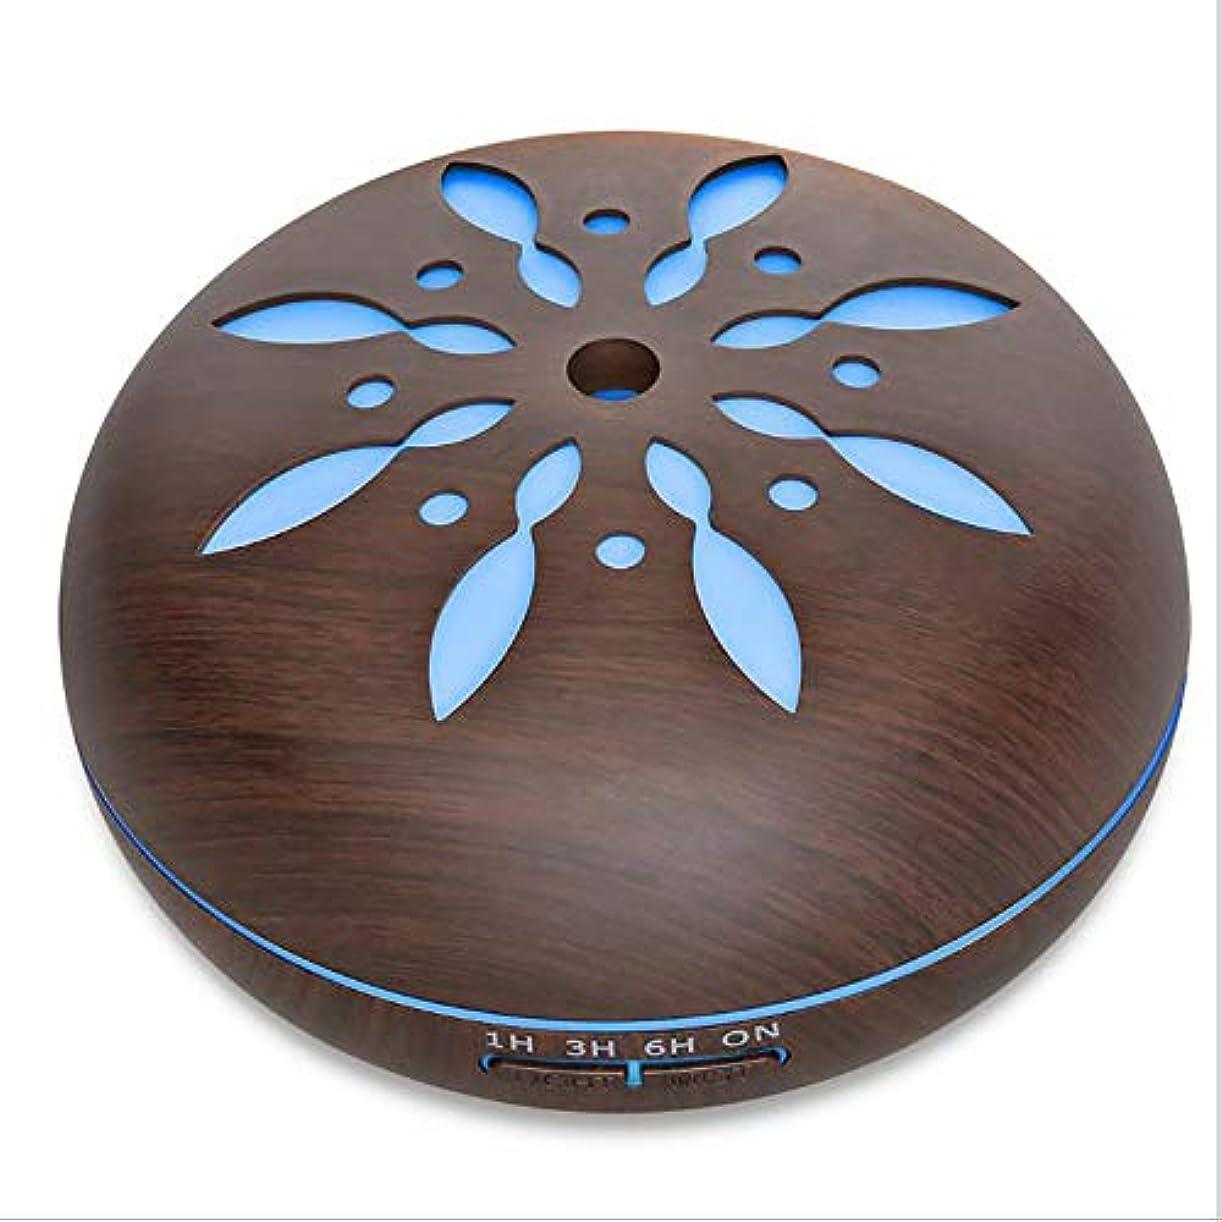 豊富に日結果としてミスト 超音波 香り ネブライザー、 電気の 香り 木製 ホーム 空気 加湿器、 550ml リモコン 木地 アロマテラピー エッセンシャルオイル 香り ディフューザー,Petals1dark